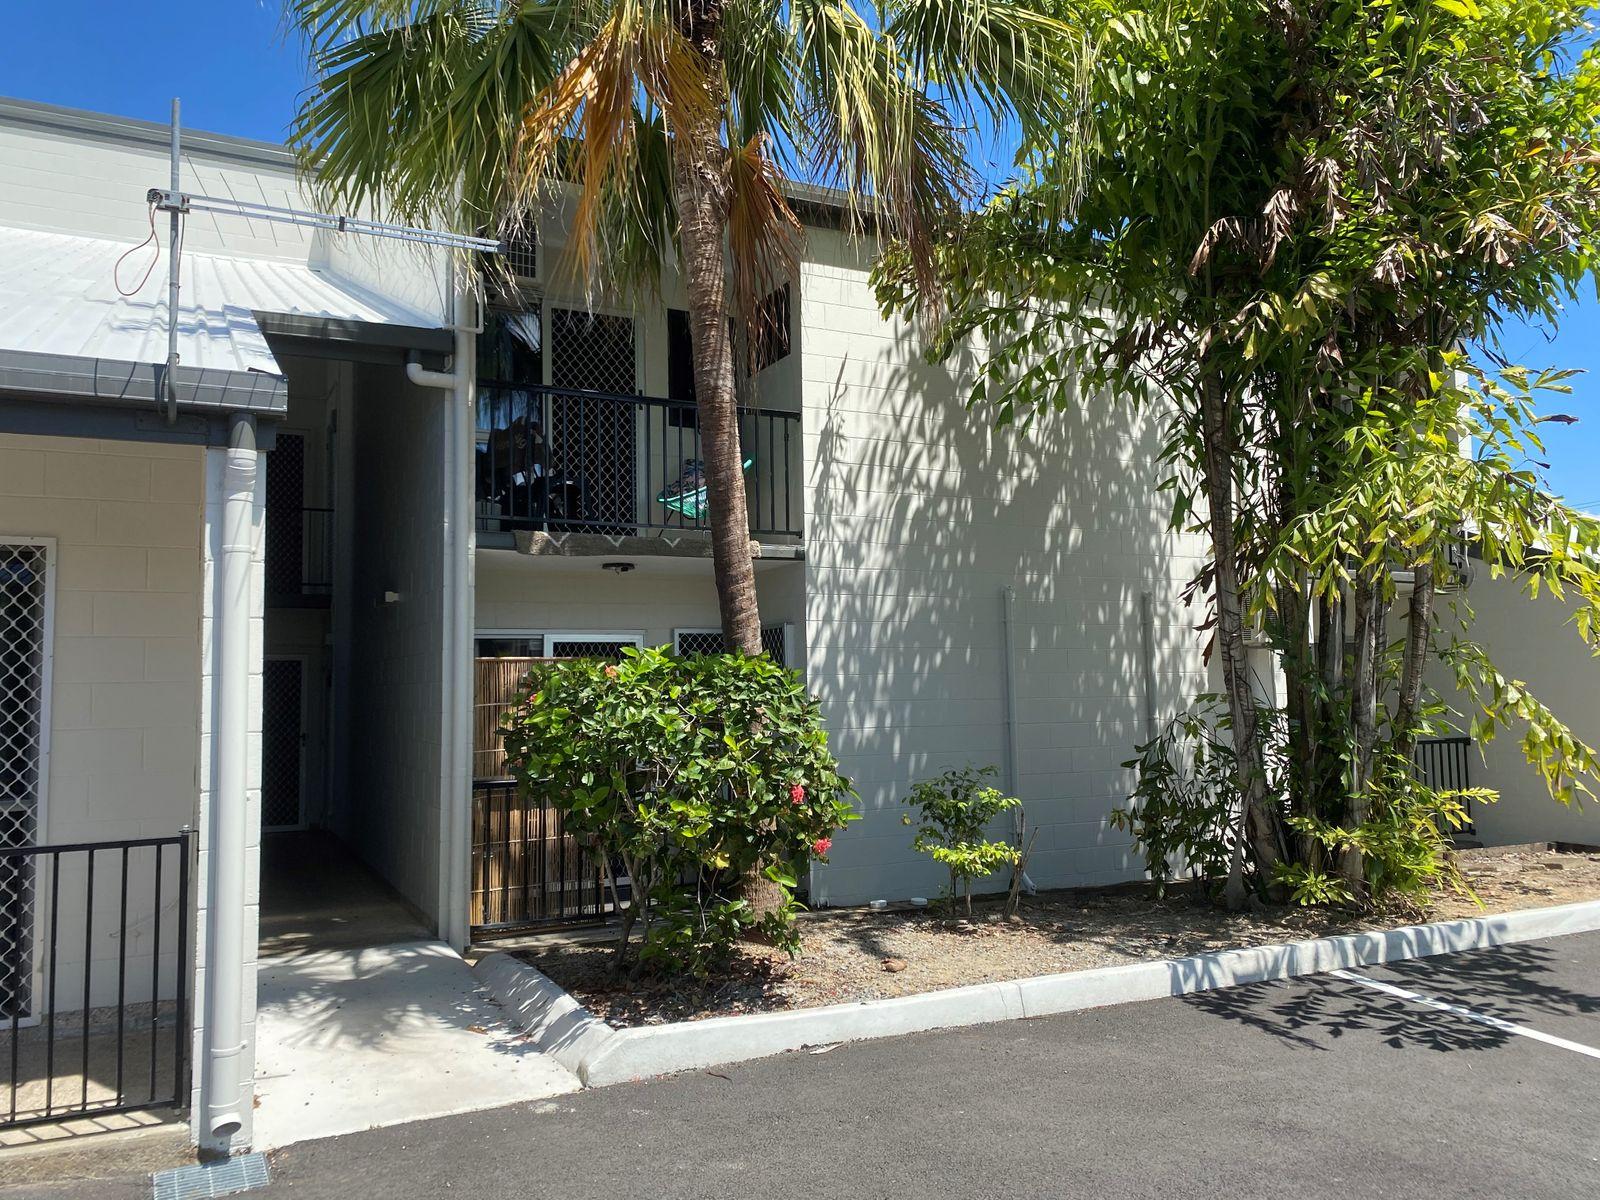 2/58 Woodward Street, Edge Hill, QLD 4870